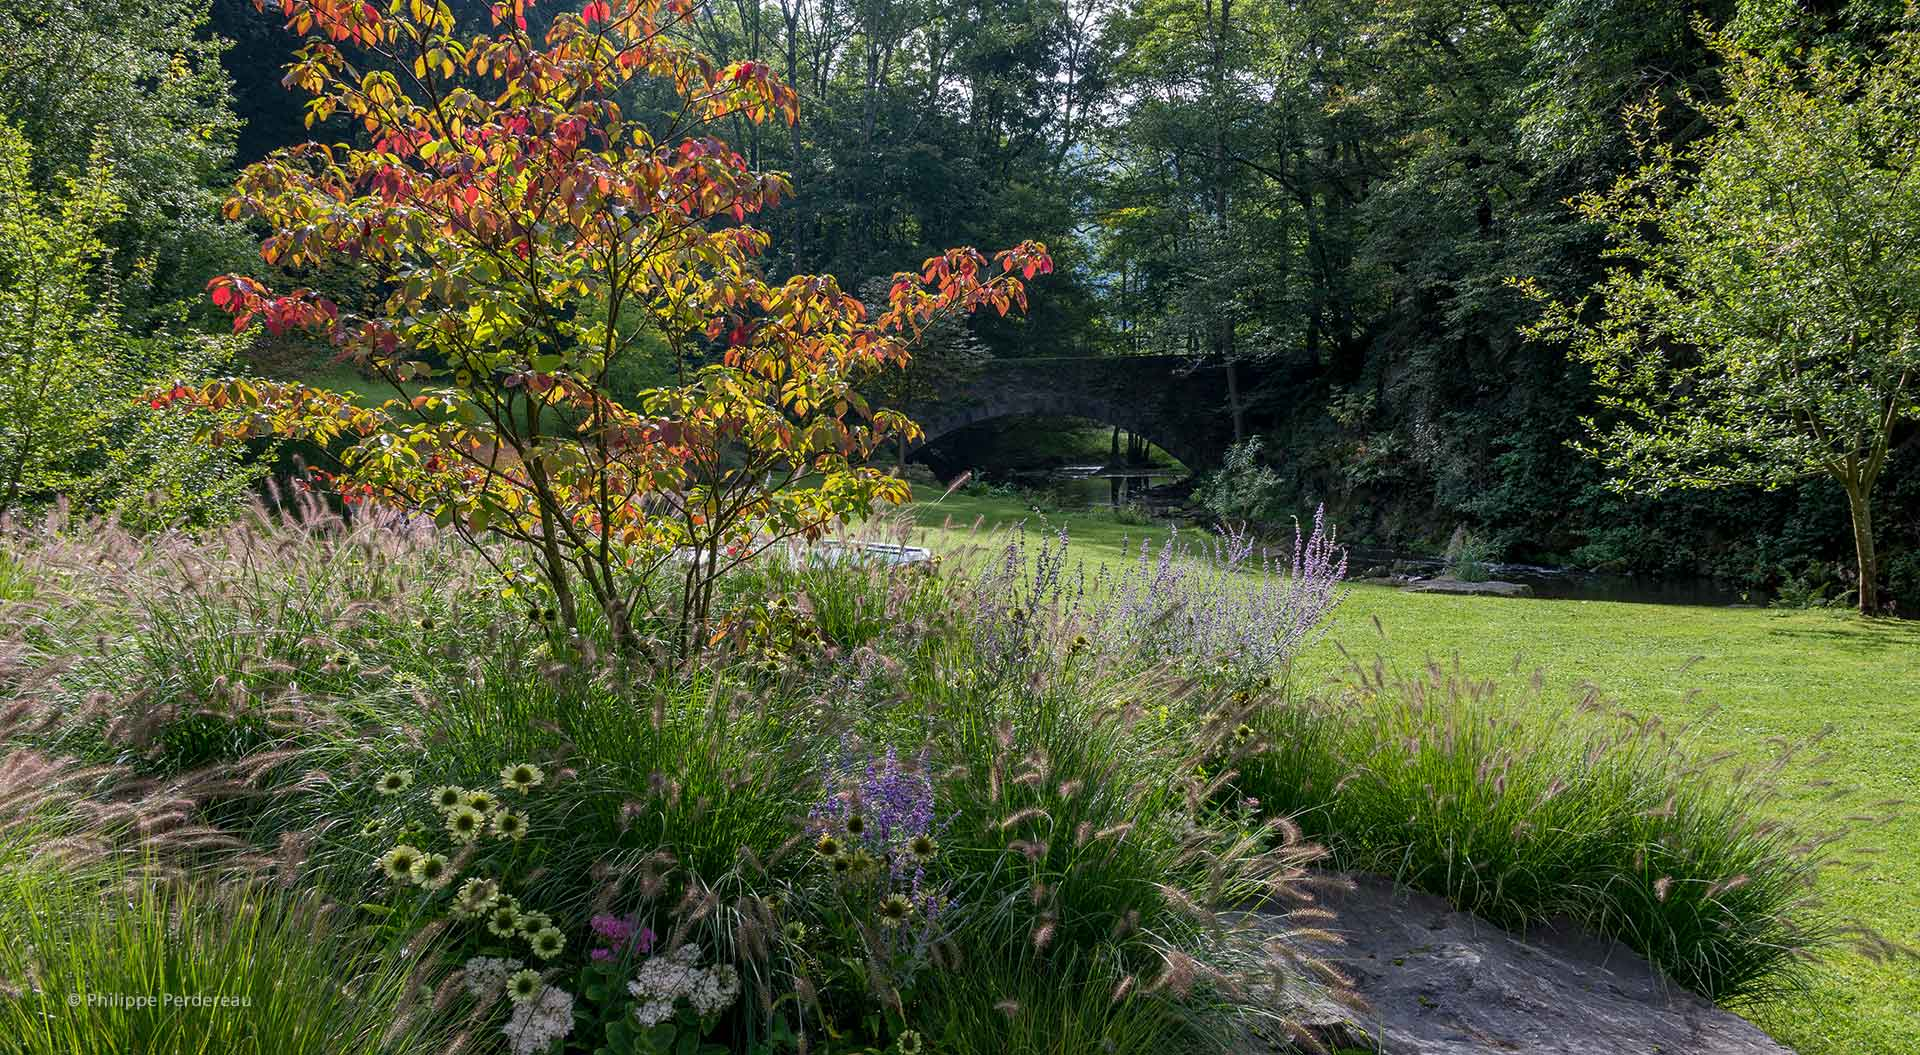 Grüner Garten mit Pflanzen, Fluss und Brücke